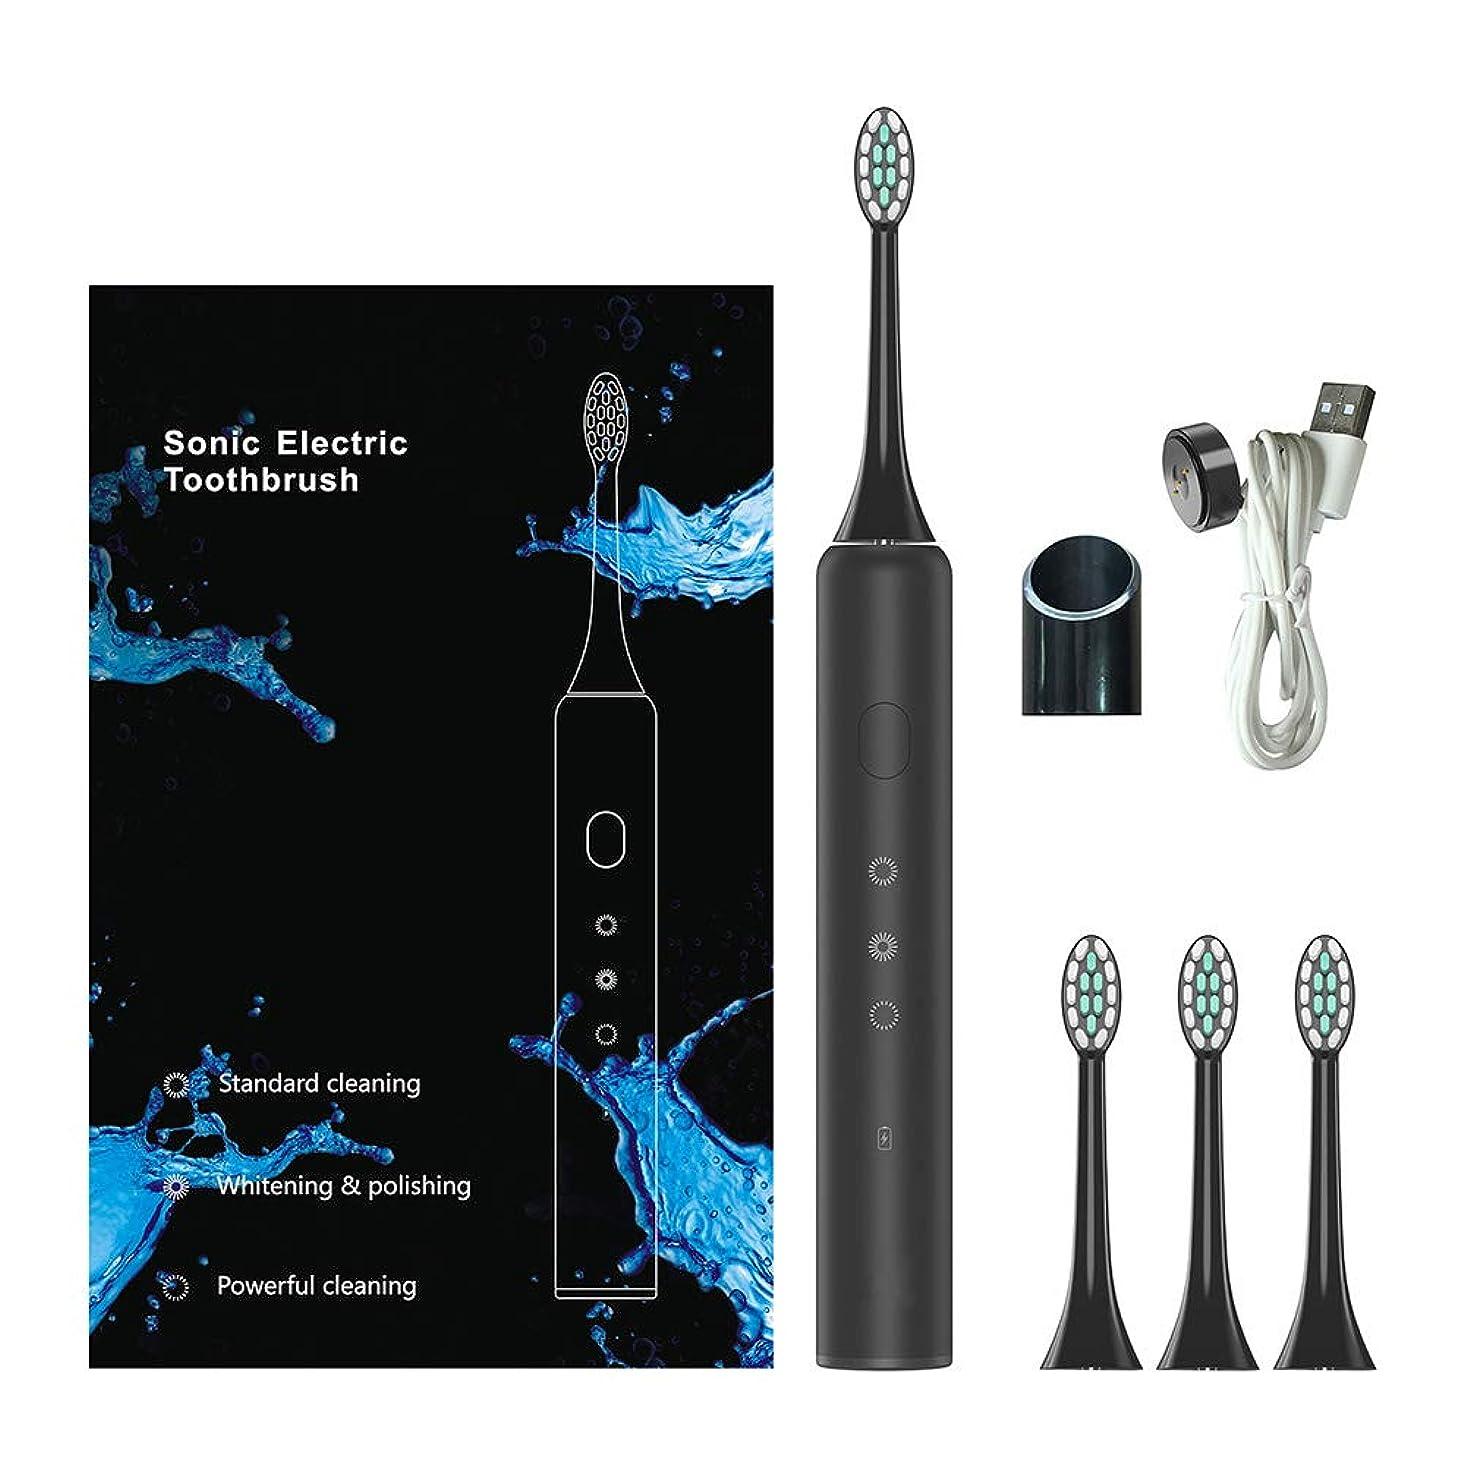 椅子アブストラクト七時半ソニック電動歯ブラシ、電動歯ブラシ、充電式歯ブラシ磁気誘導充電防水3つのブラッシングモード